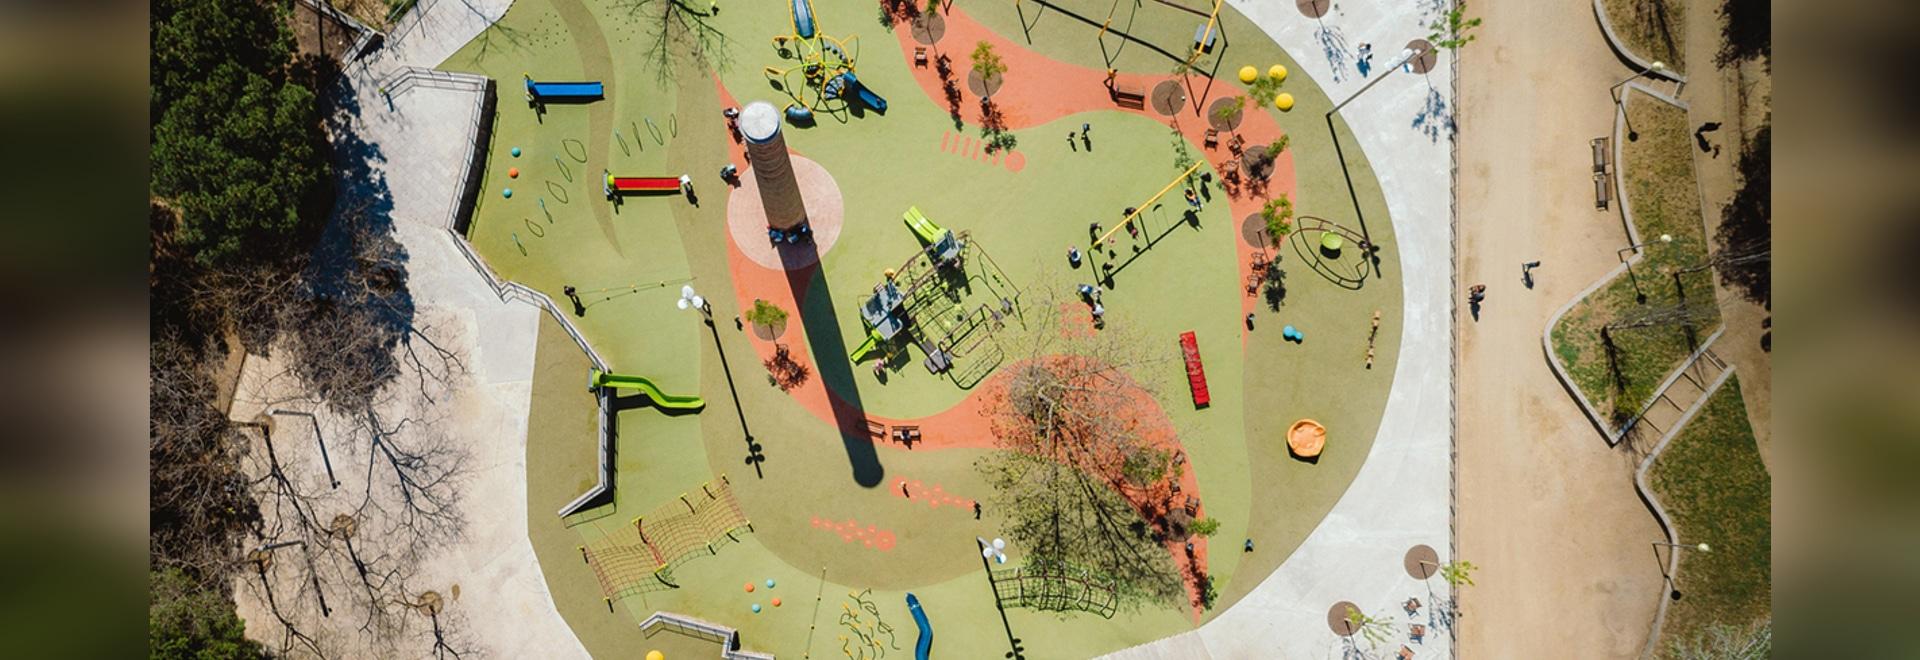 Children's Park of Les Planes in Hospitalet